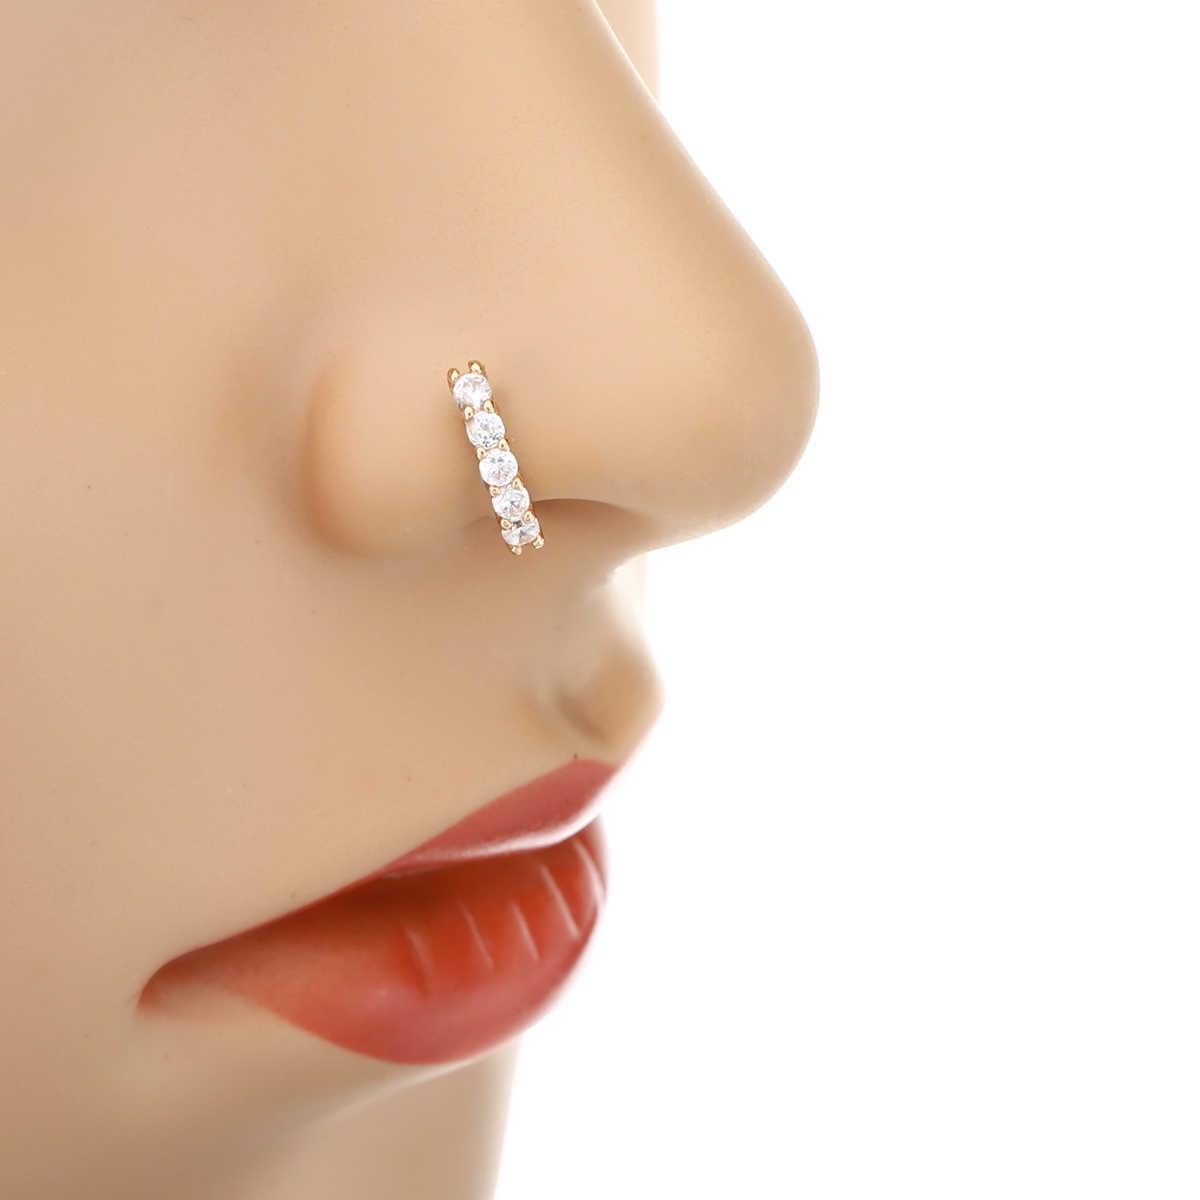 Виды пирсинга носа и разновидности отдельных проколов